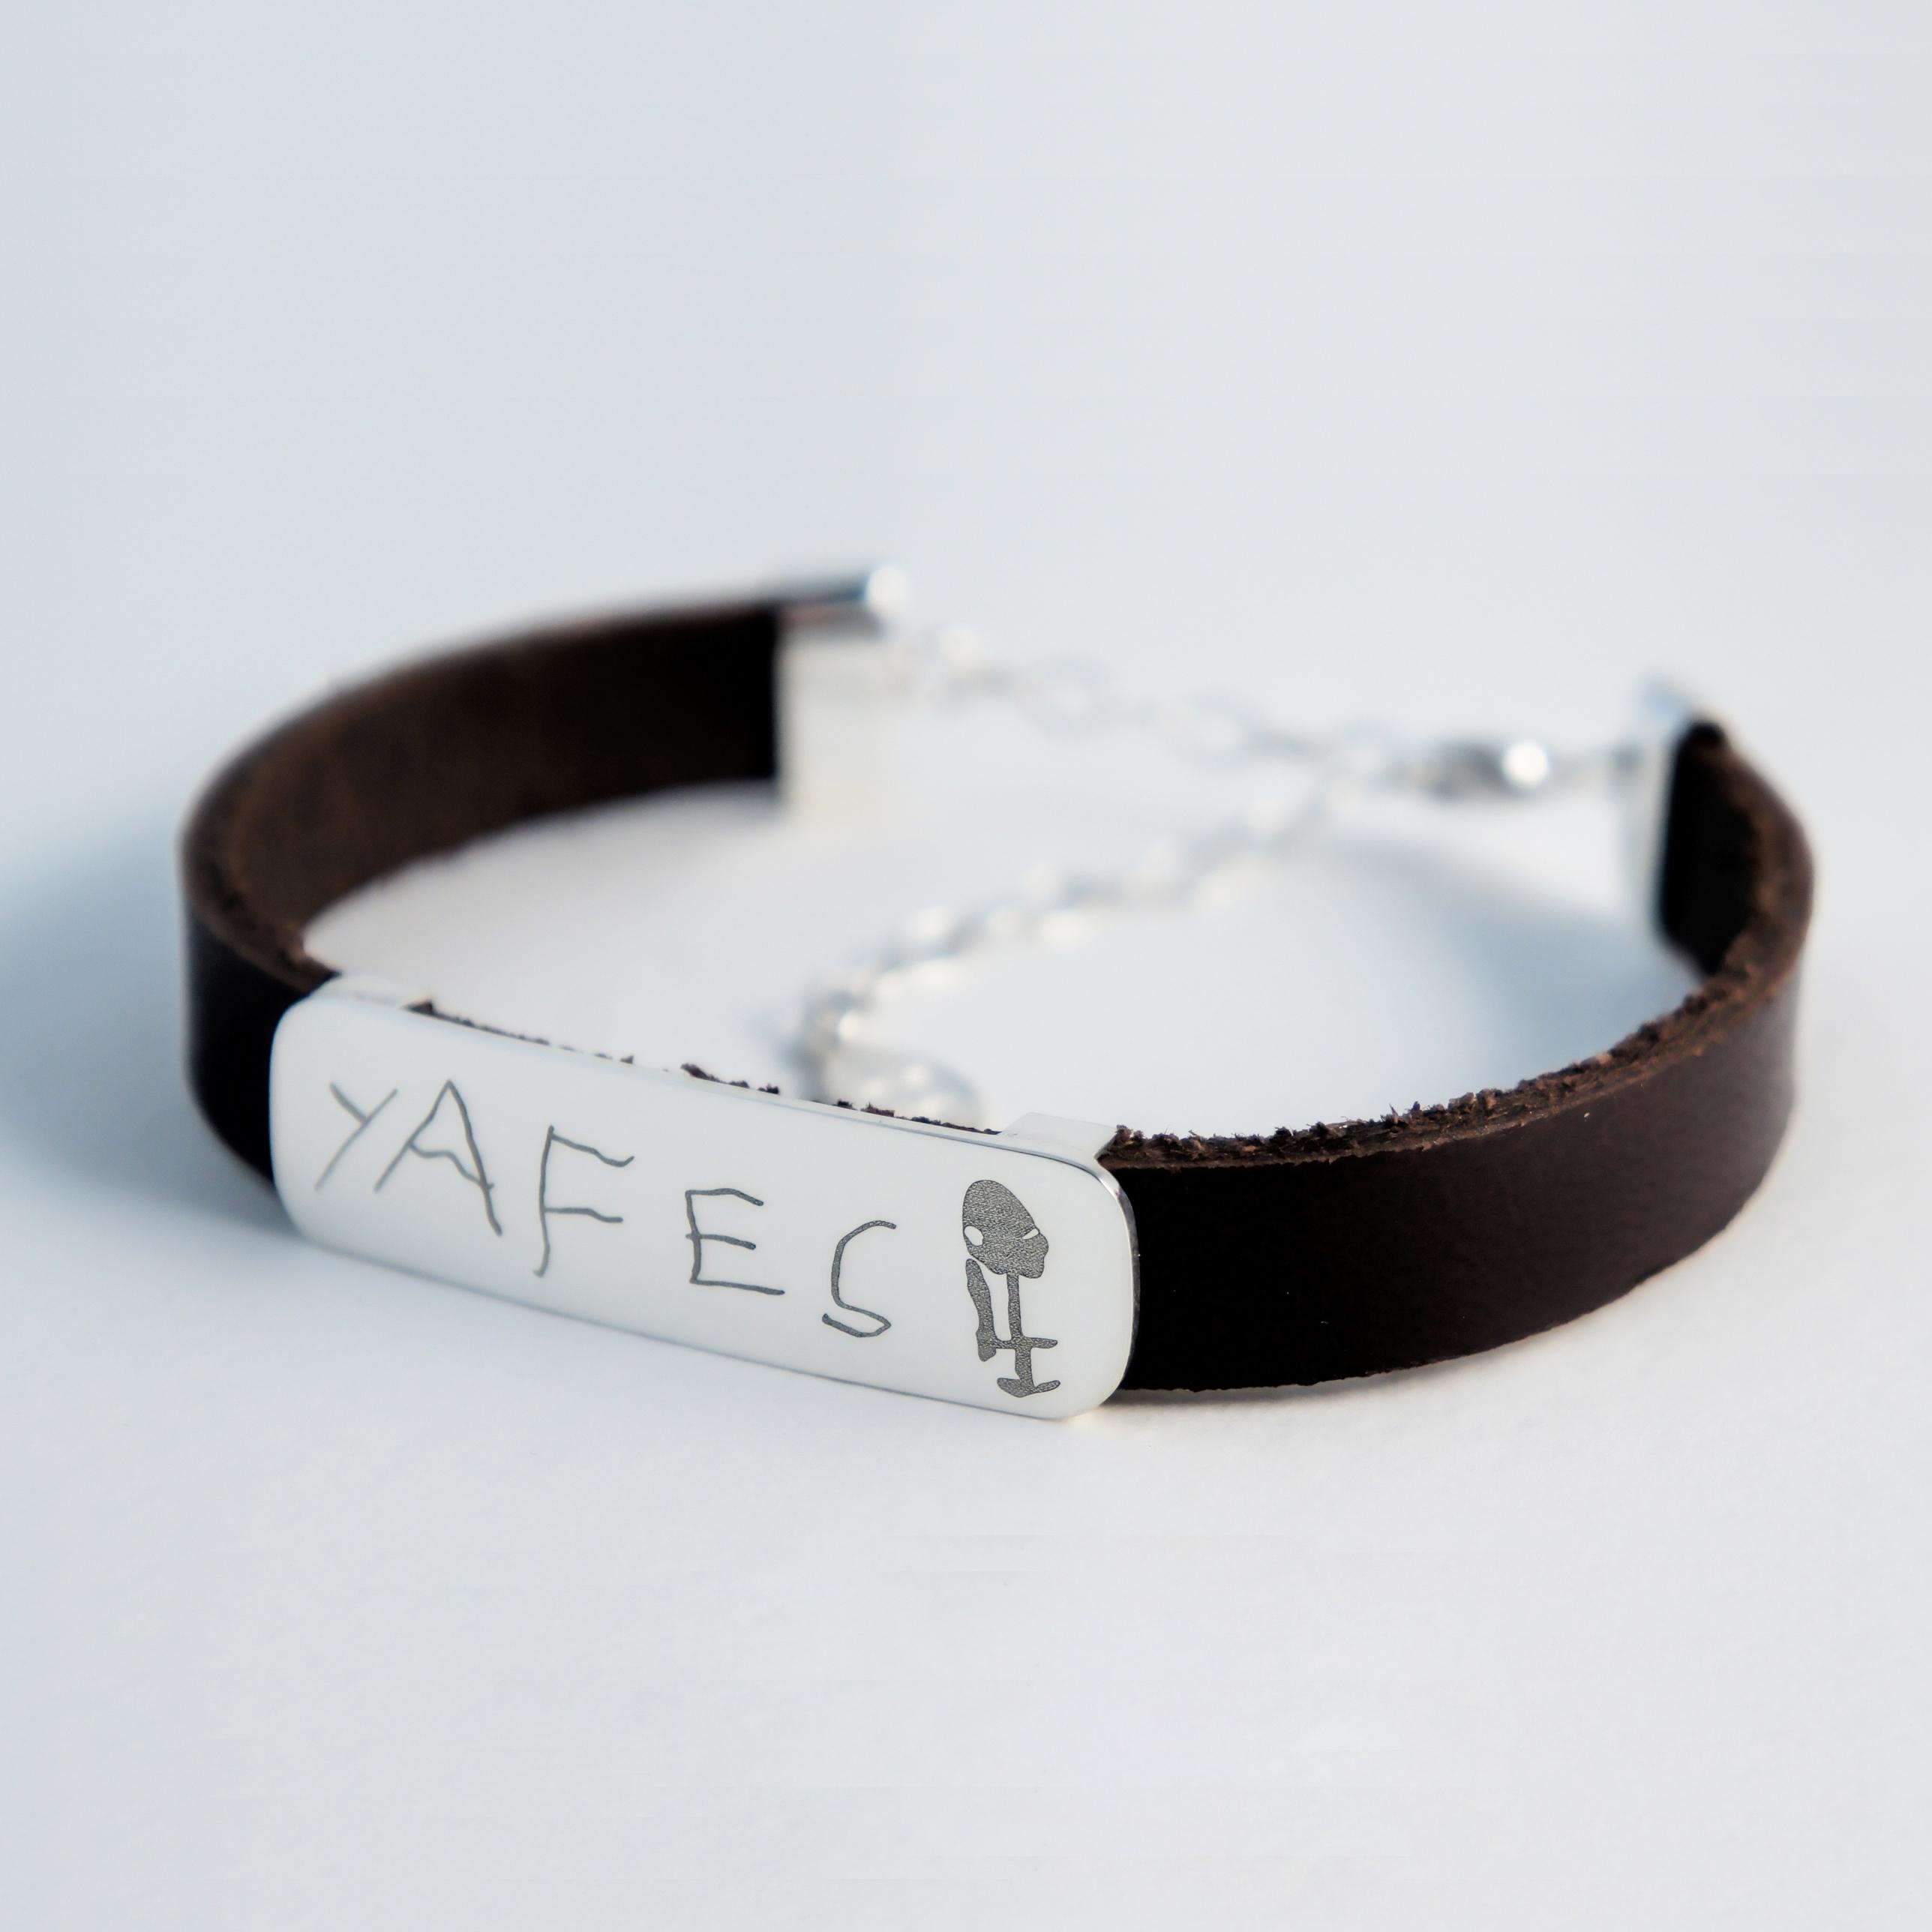 deri bileklik 1.2 / leather bracelet 1.2